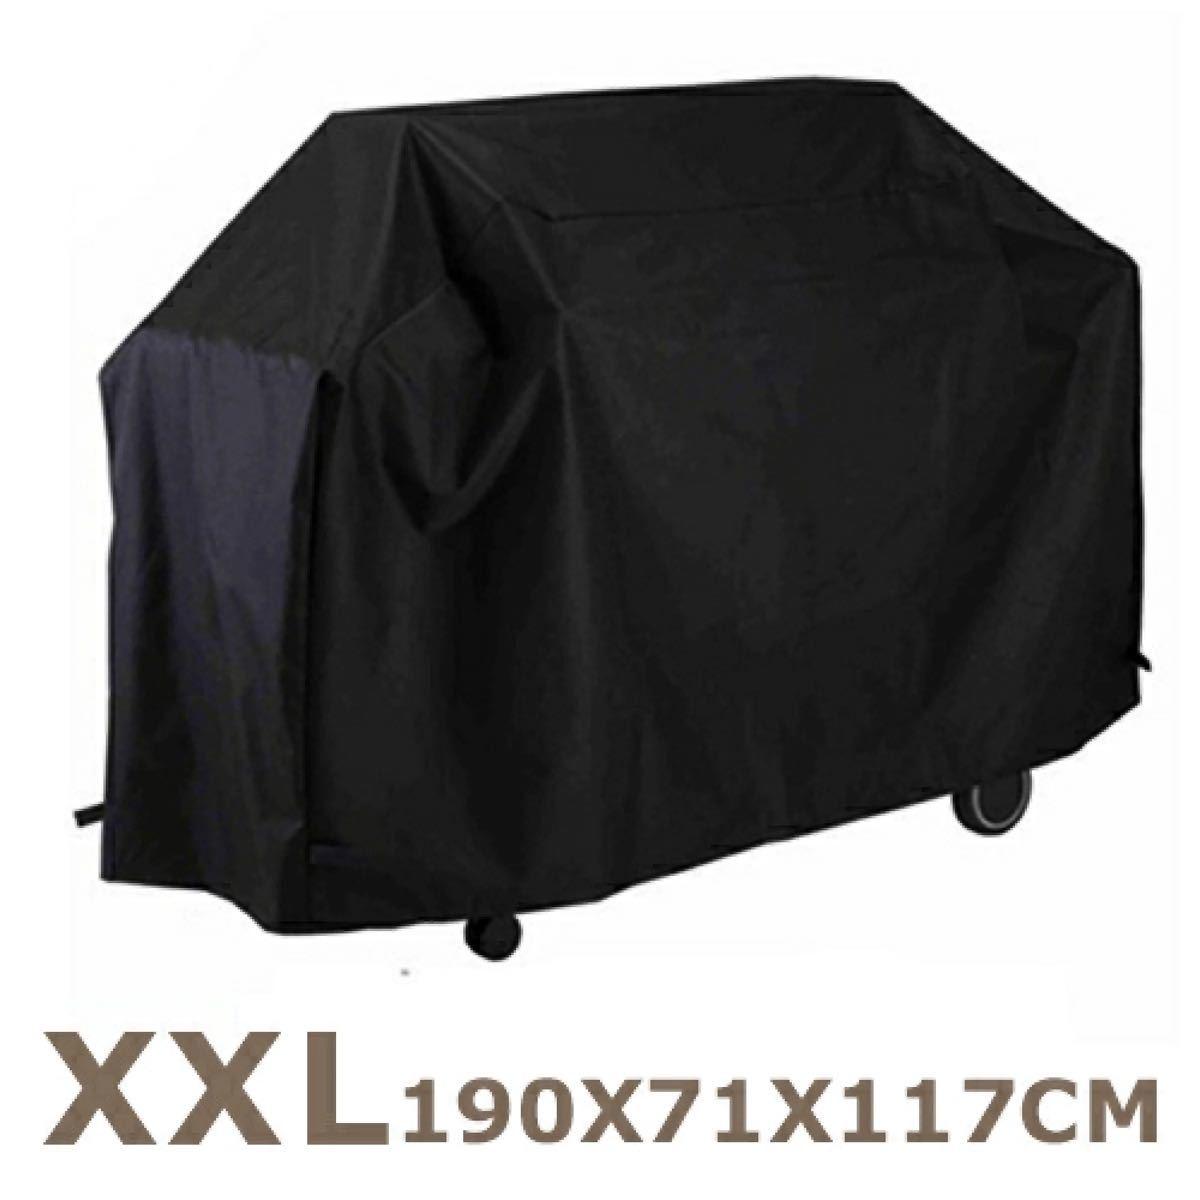 XXL バーベキューグリルカバー BBQ コンロカバー 防水 防塵 防風 日焼け止め 収納袋 カバー バイクカバー  自転車カバー